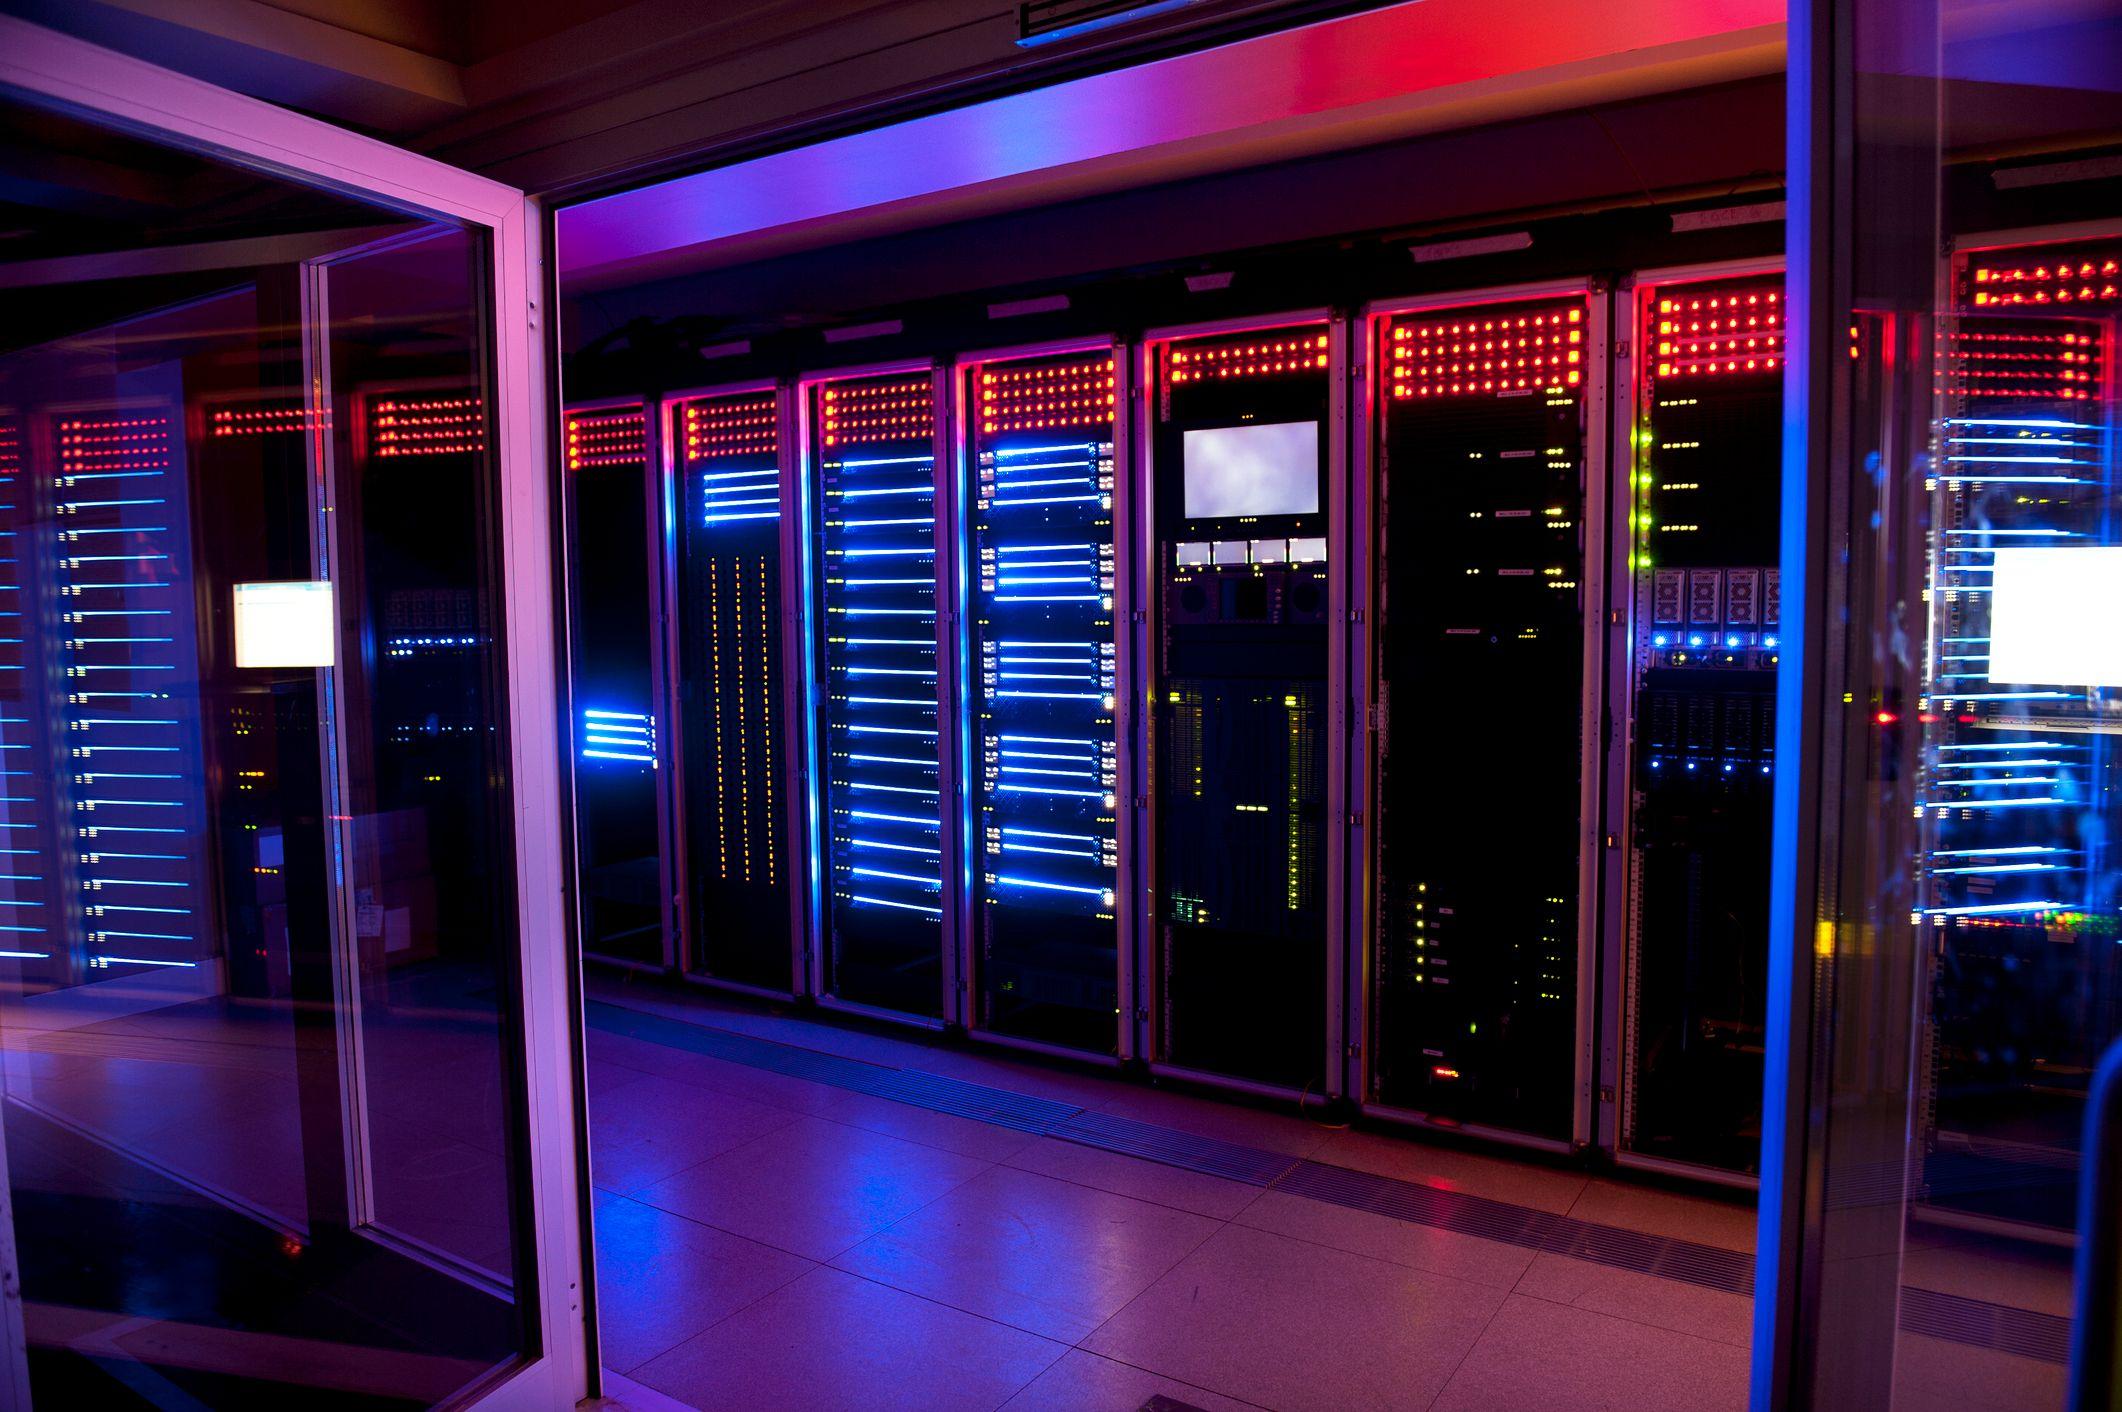 Maiores supercomputadores do mundo utilizam a tecnologia da Positivo Servers & Solutions